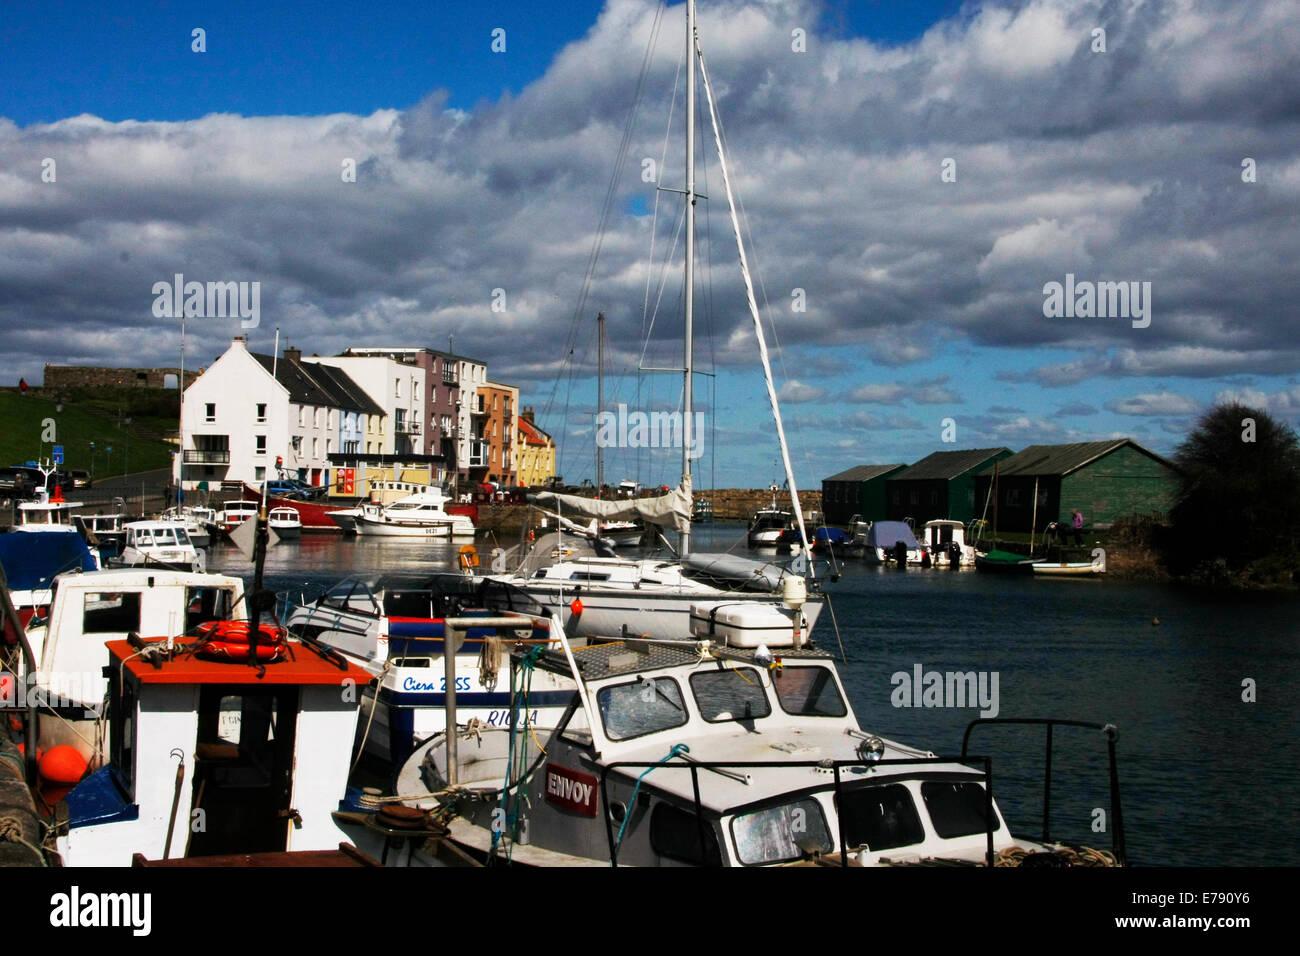 St. Andrew, Scotland - Stock Image